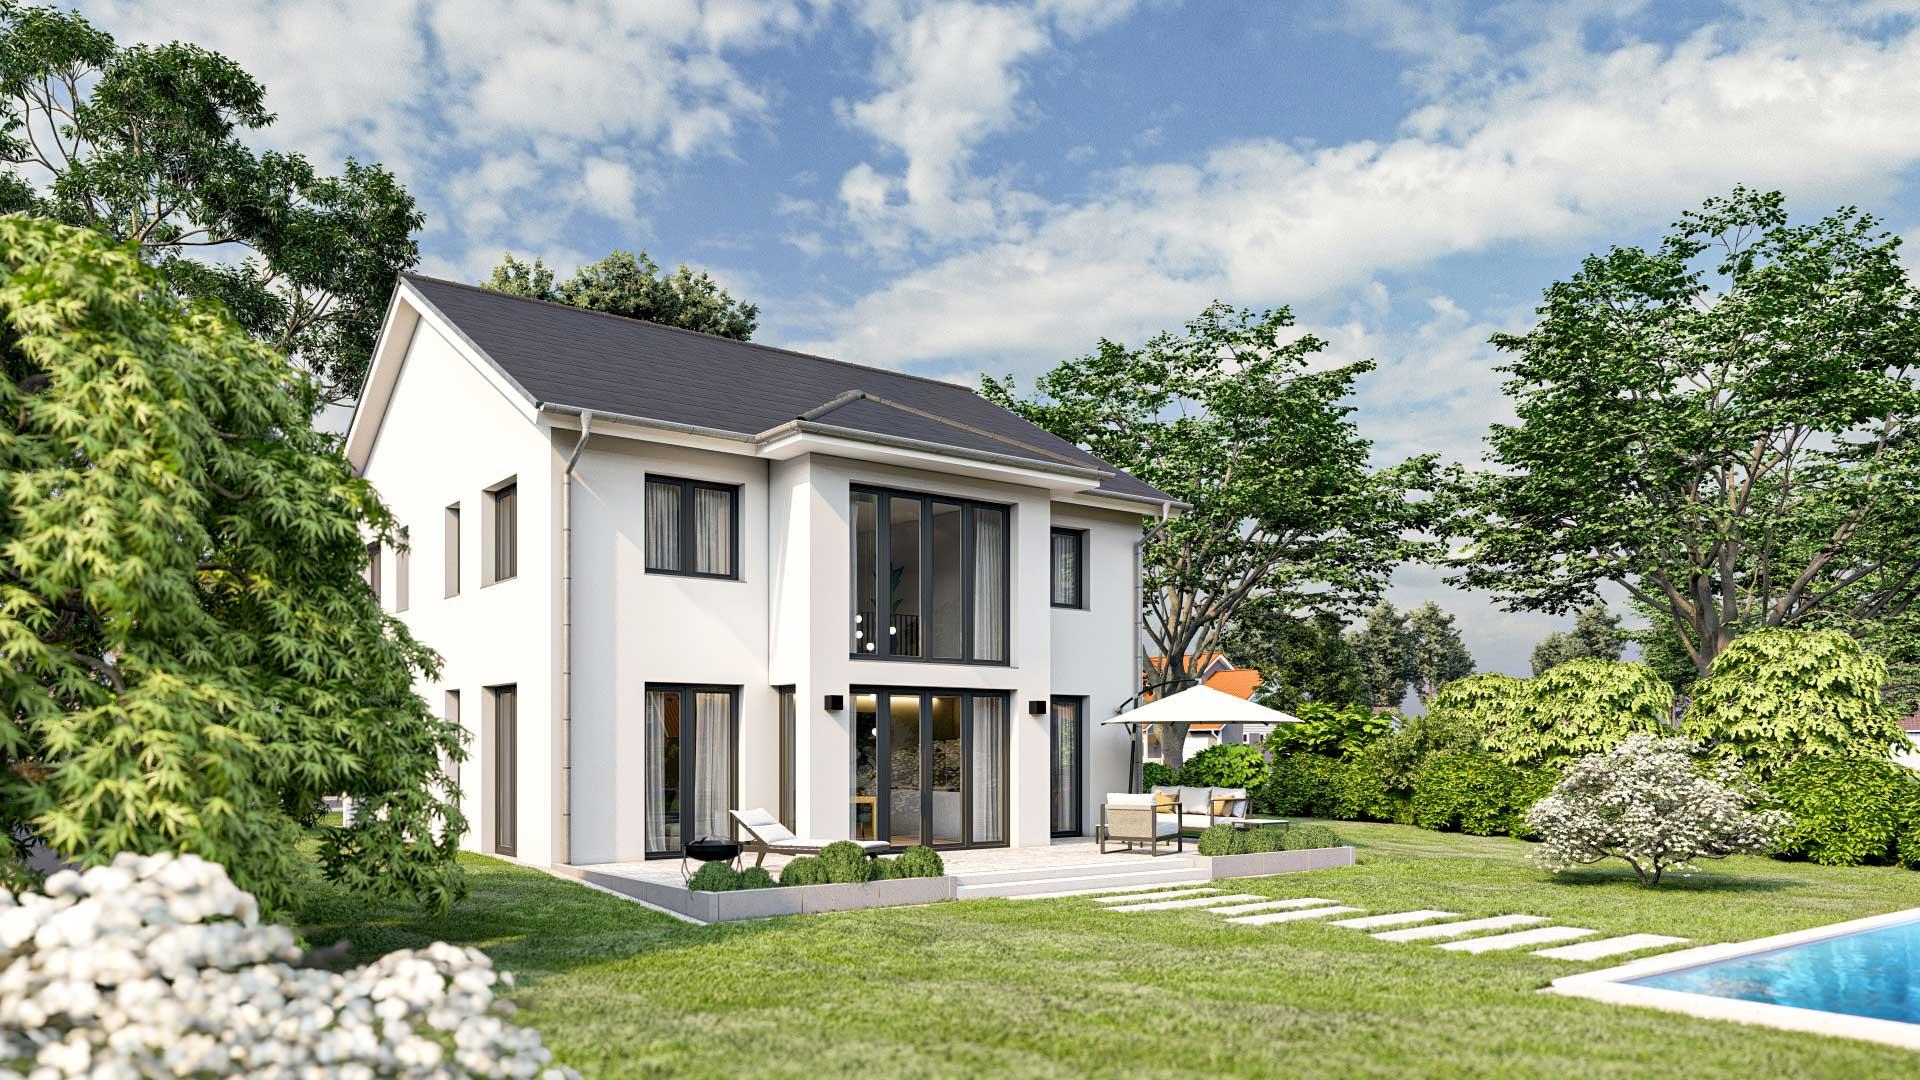 Einfamilienhaus_Erfurt_Typ3